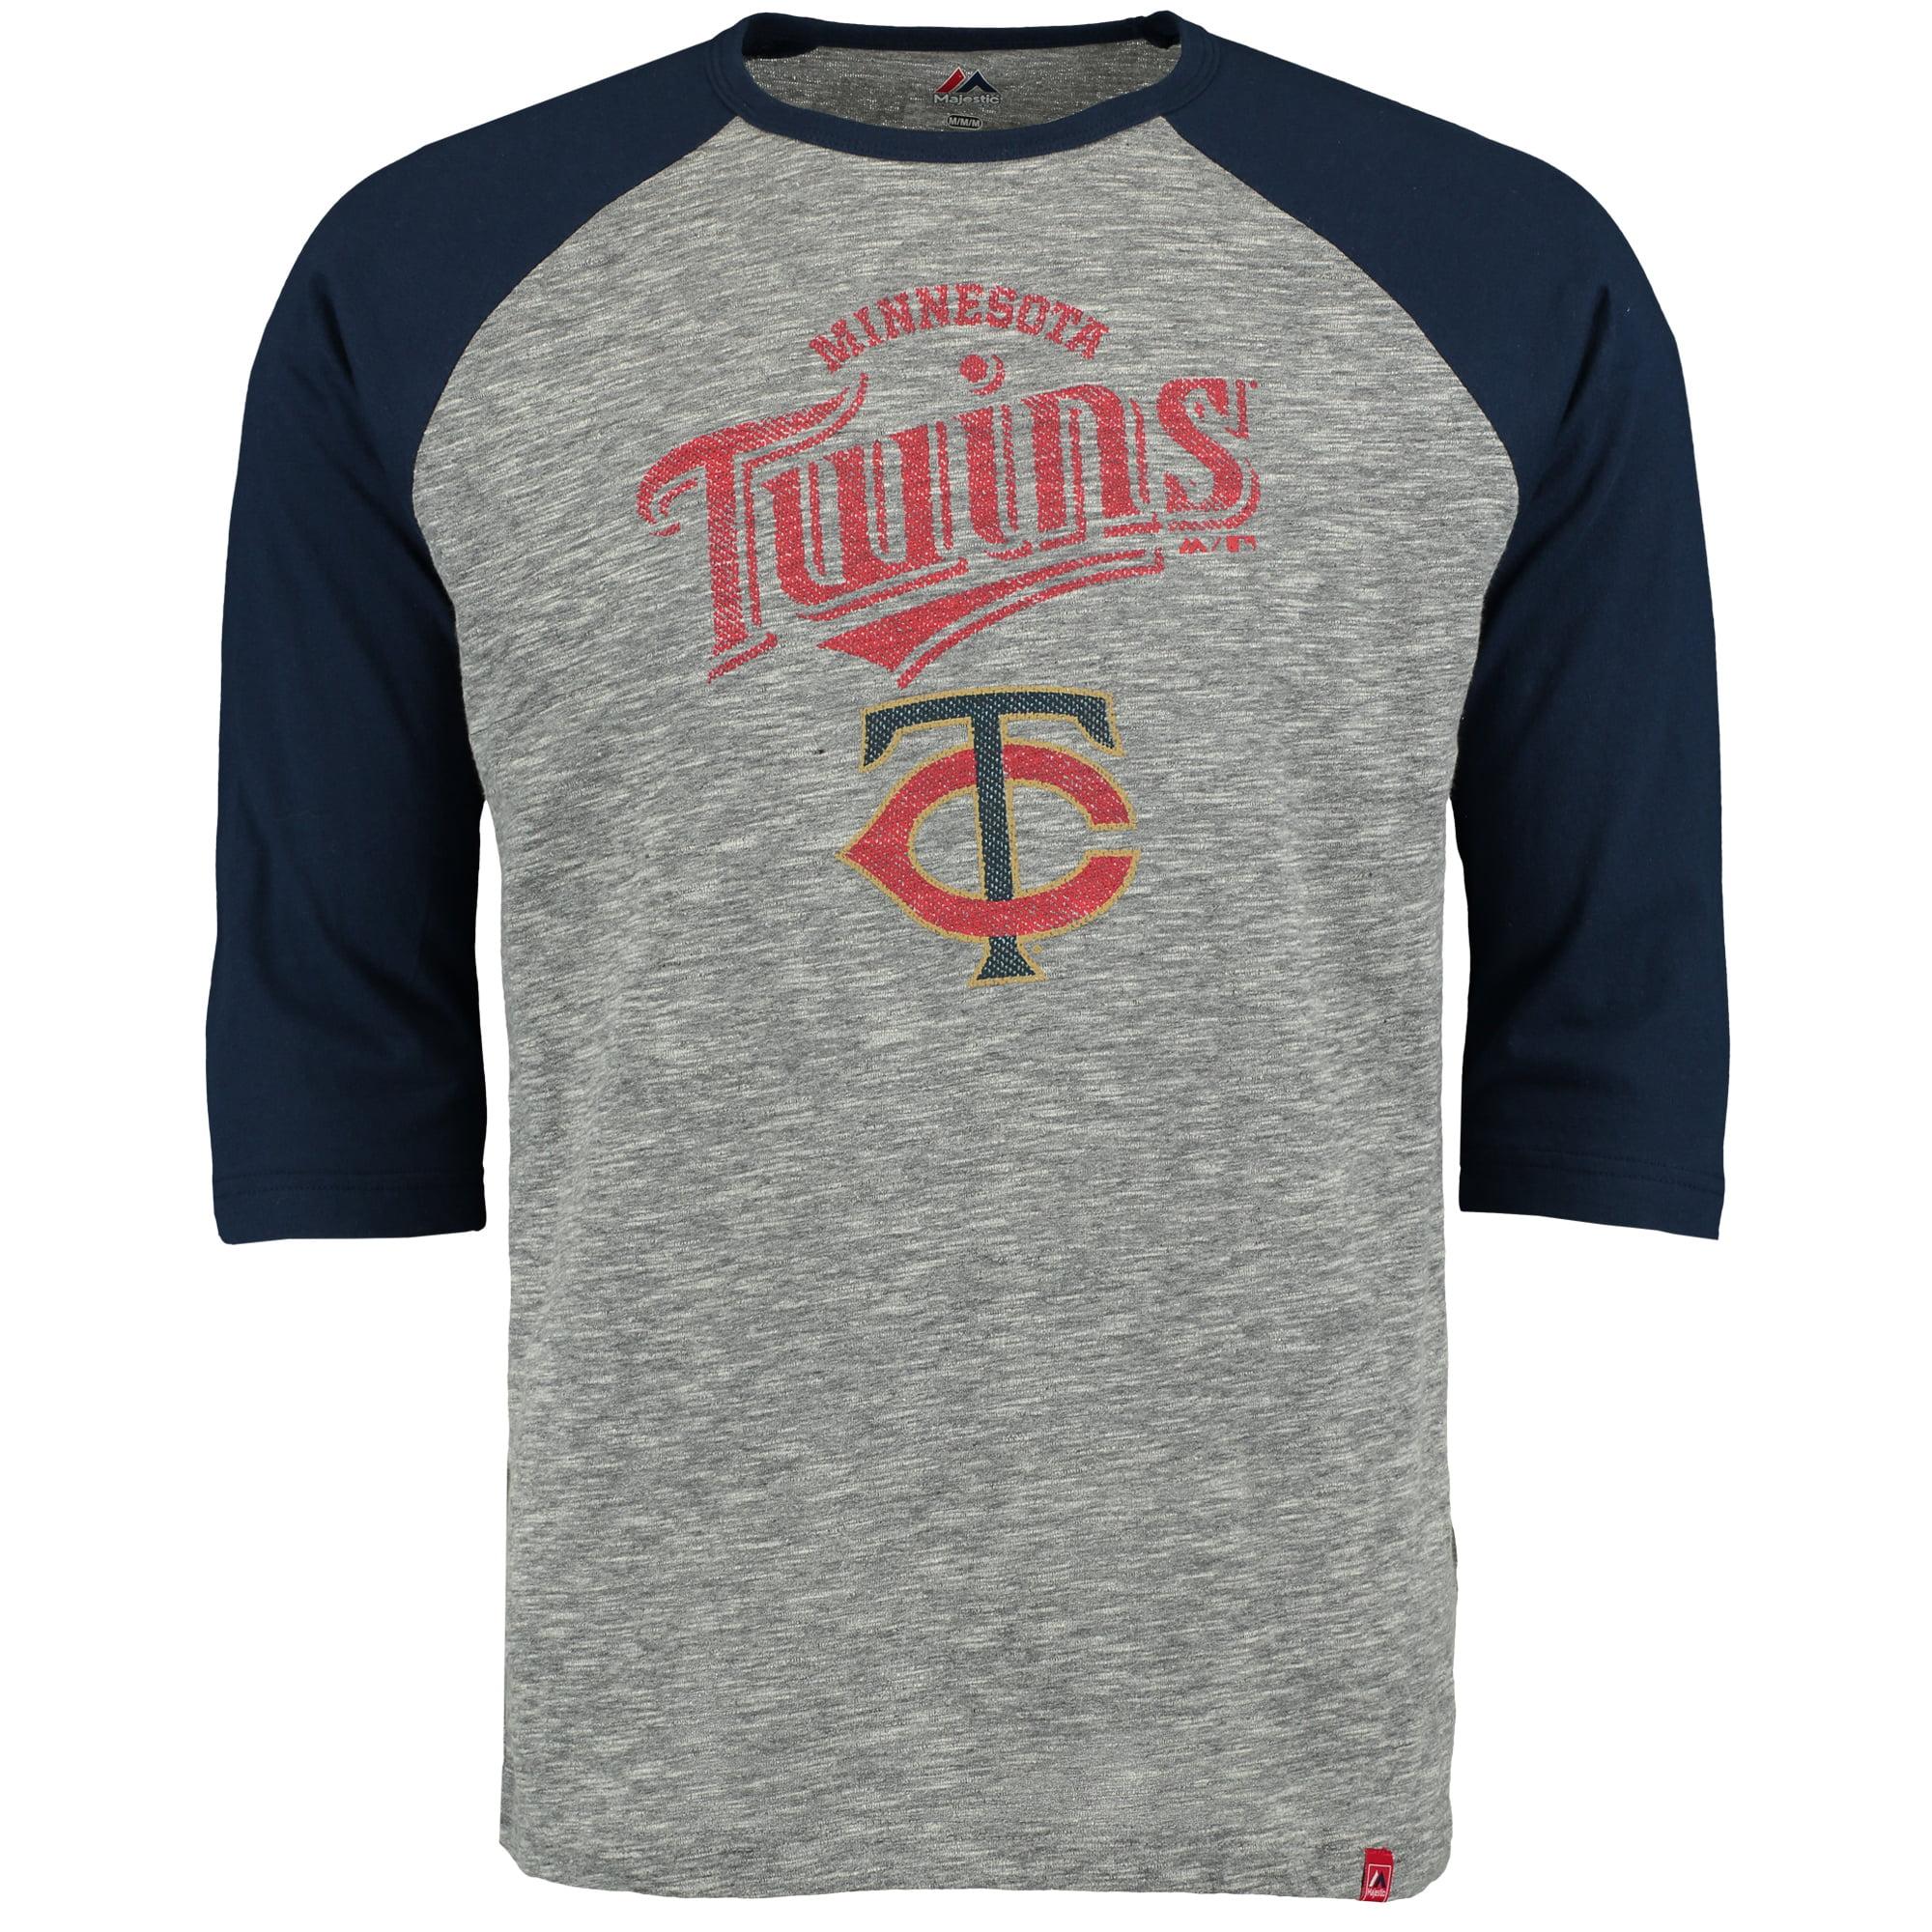 Minnesota Twins Majestic Fast Win Three-Quarter Raglan Sleeve T-Shirt - Gray/Navy